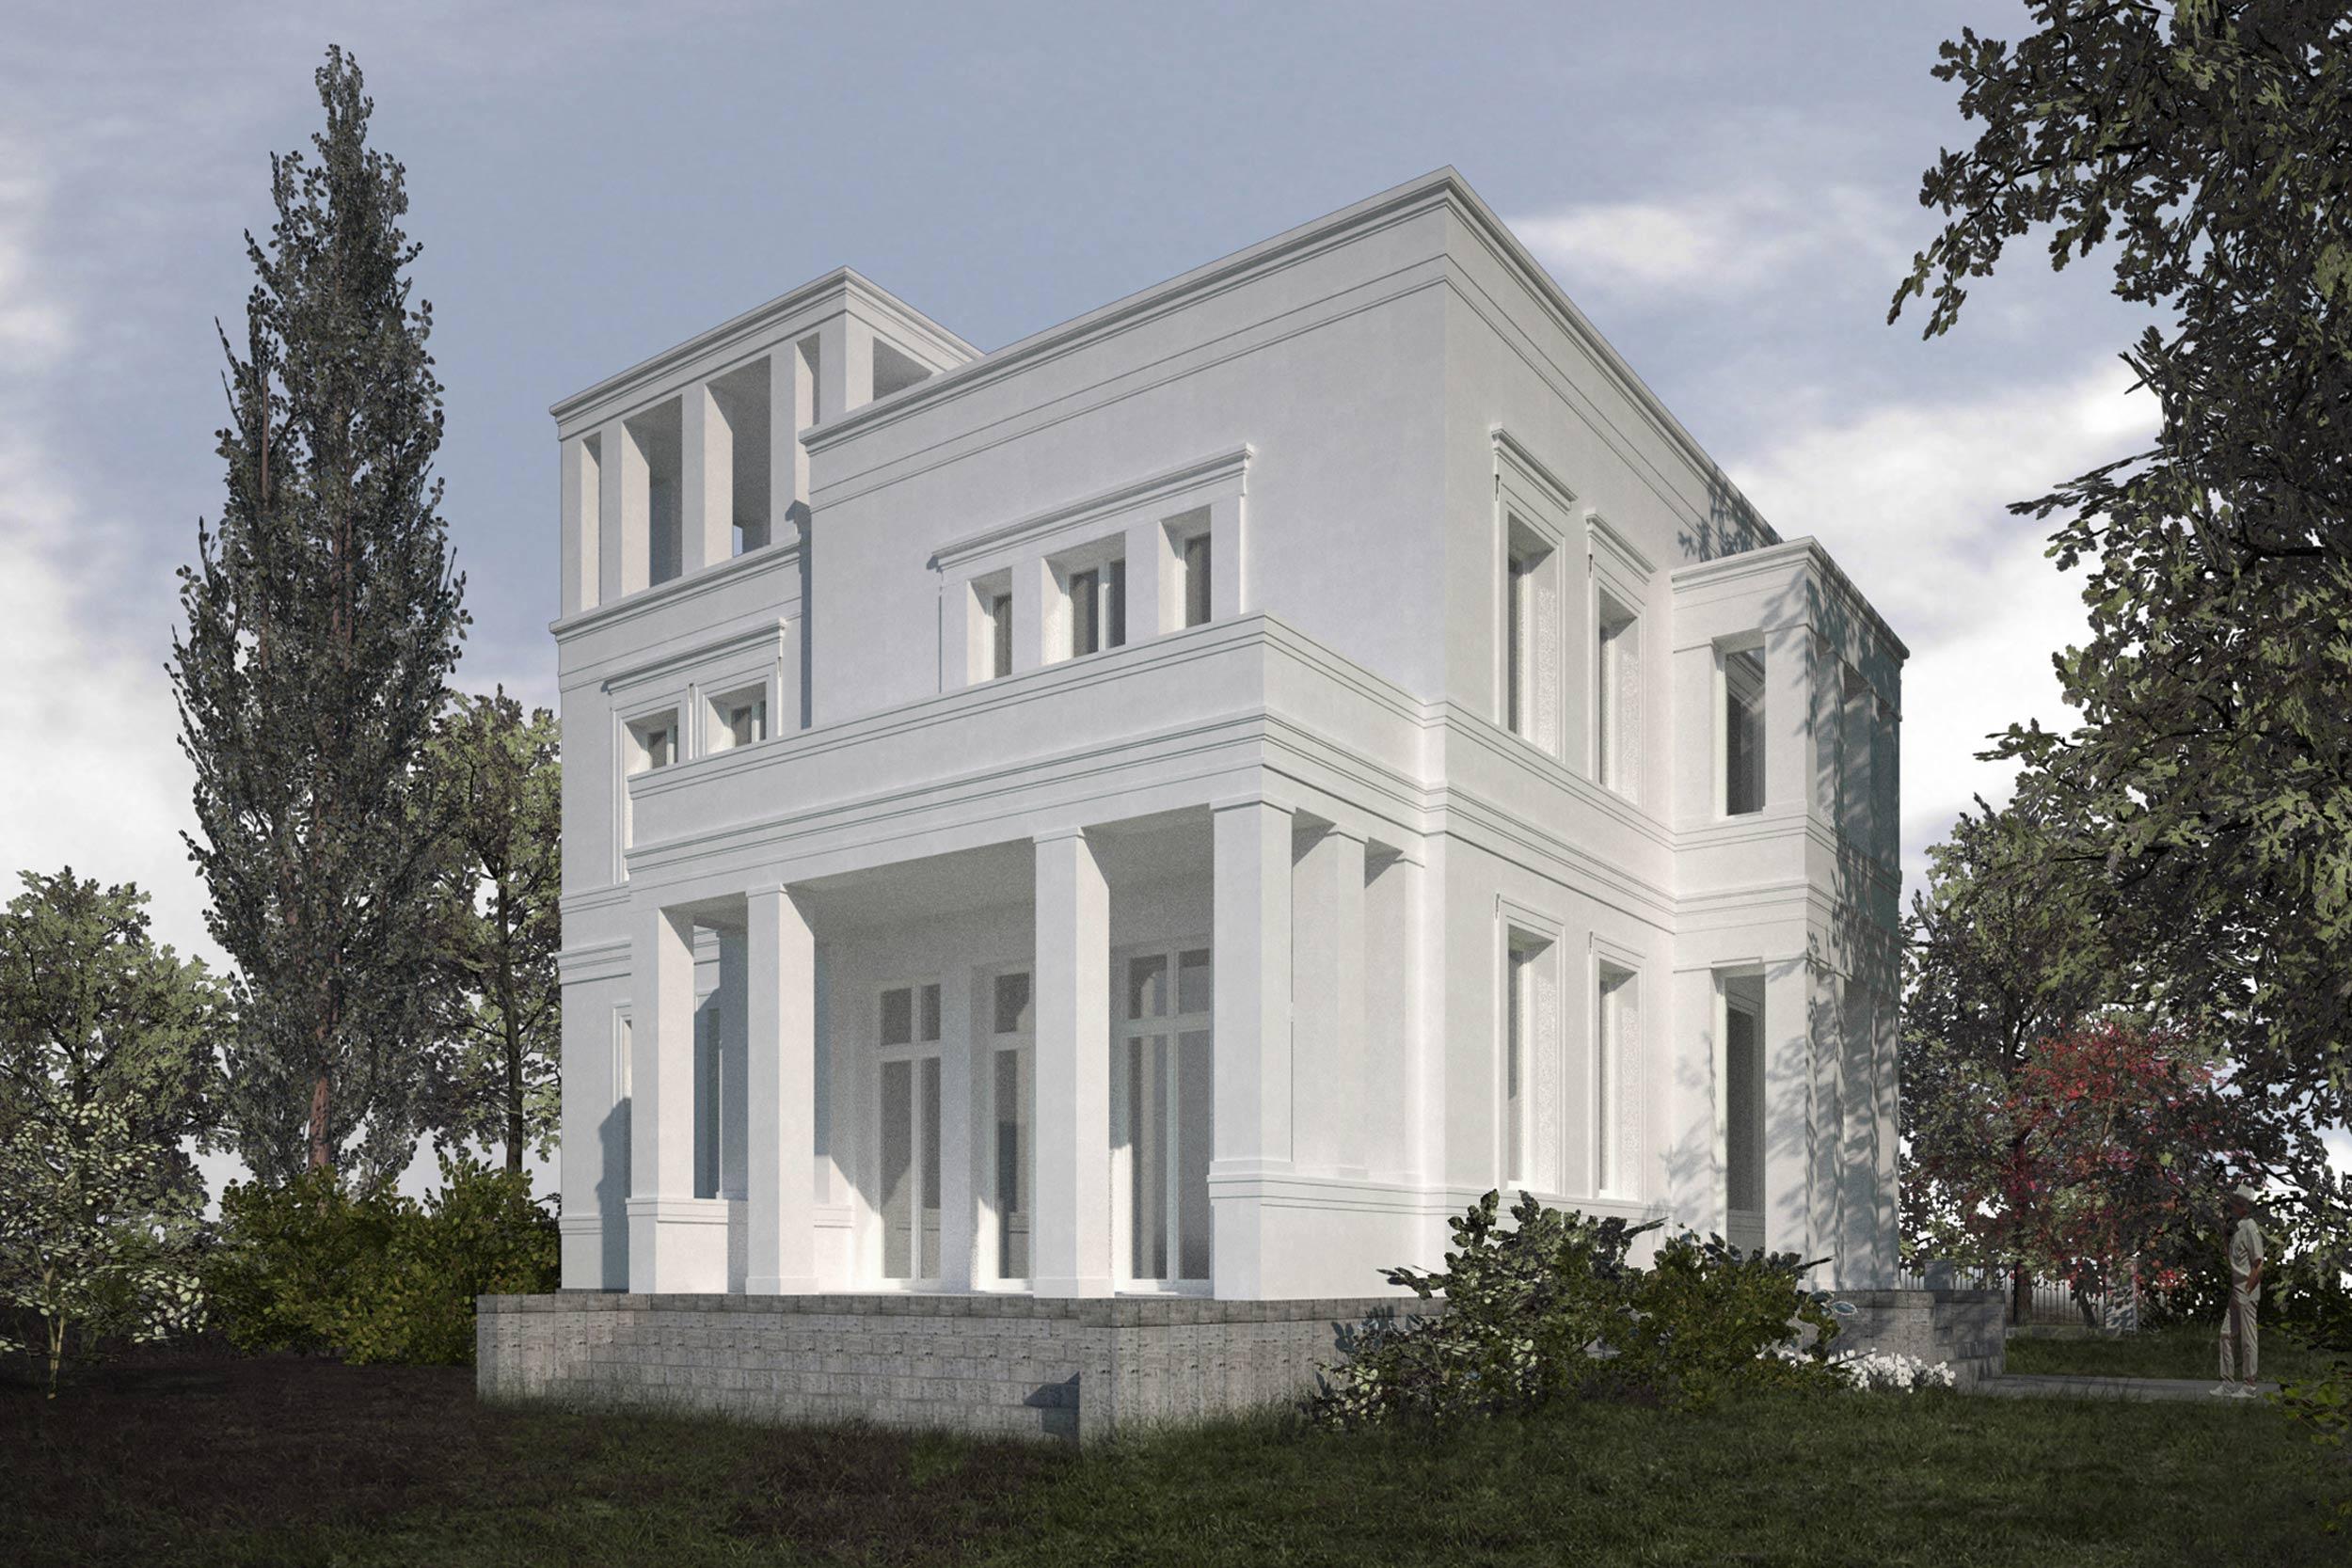 Errichtung klassischer Neubauvillen in Potsdam-Jungfernsee - Blick auf die Gartentreppe aus Naturstein und das Belvedere der Turmvilla